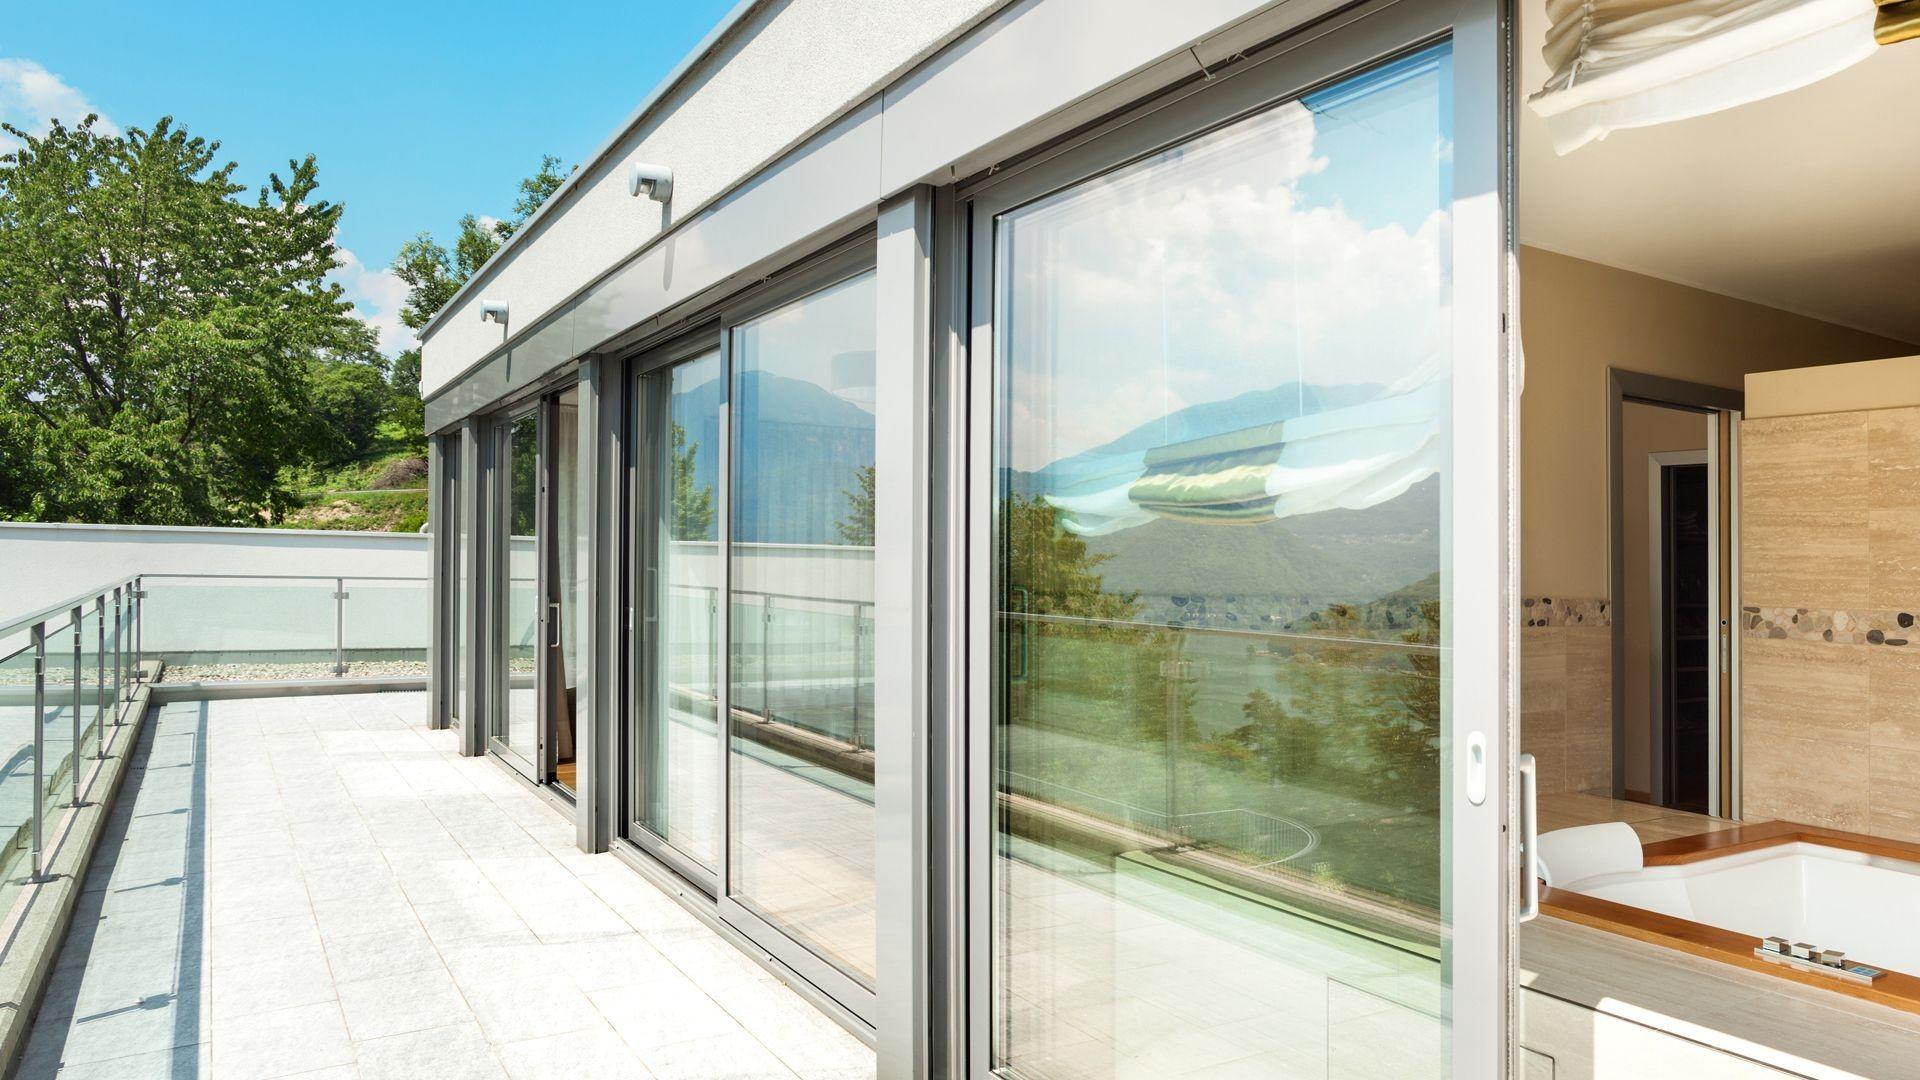 000 aluminio puertas cerramientos decoracion casa chalet vivienda  (1)